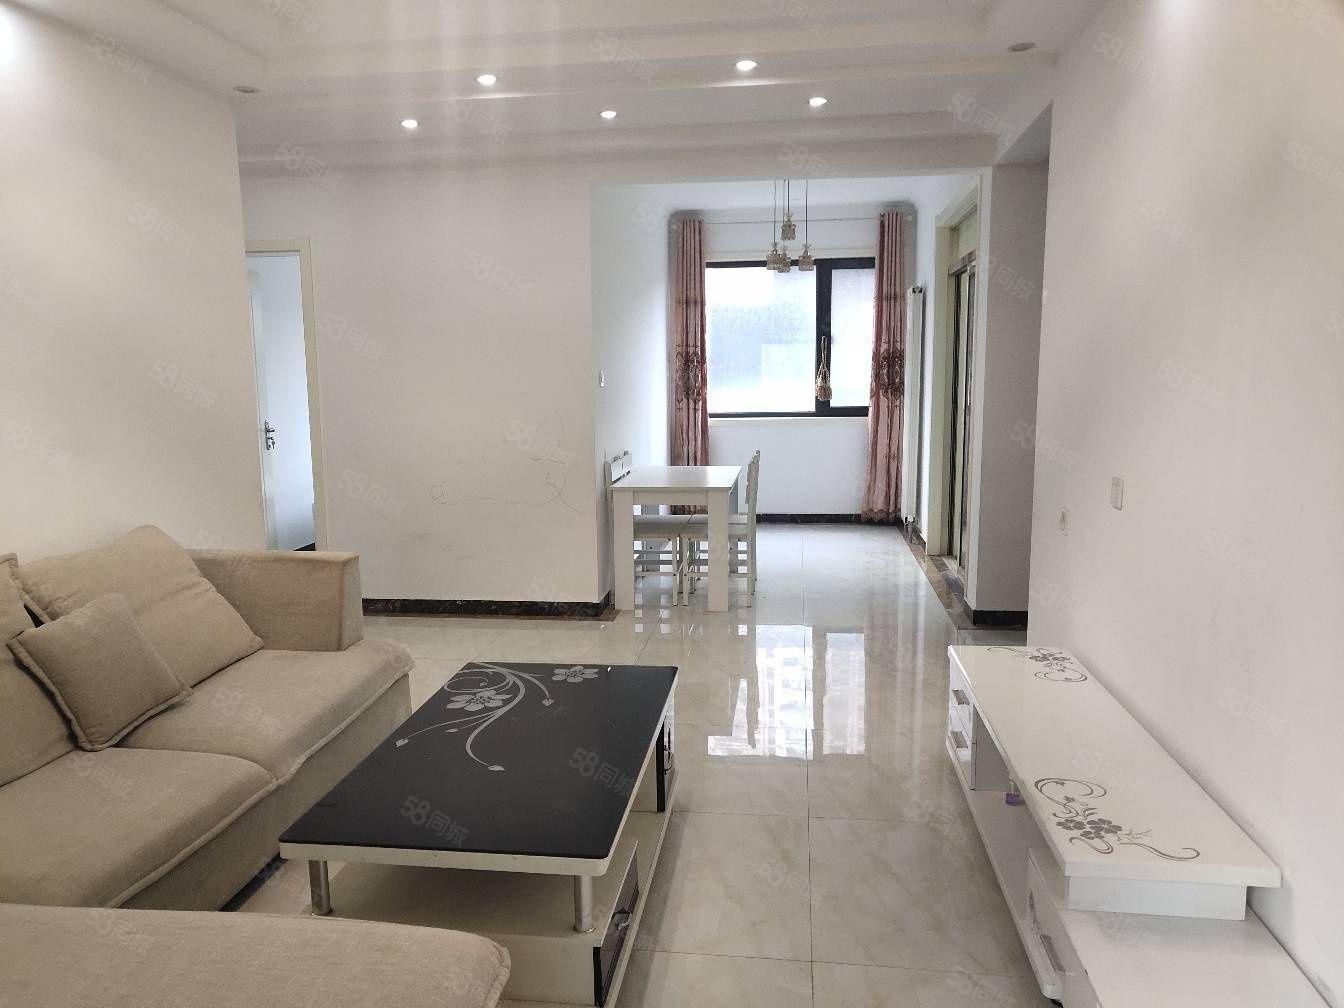 永威南樾福苑97平南北三房万装修带家具家电税满有本接受按揭